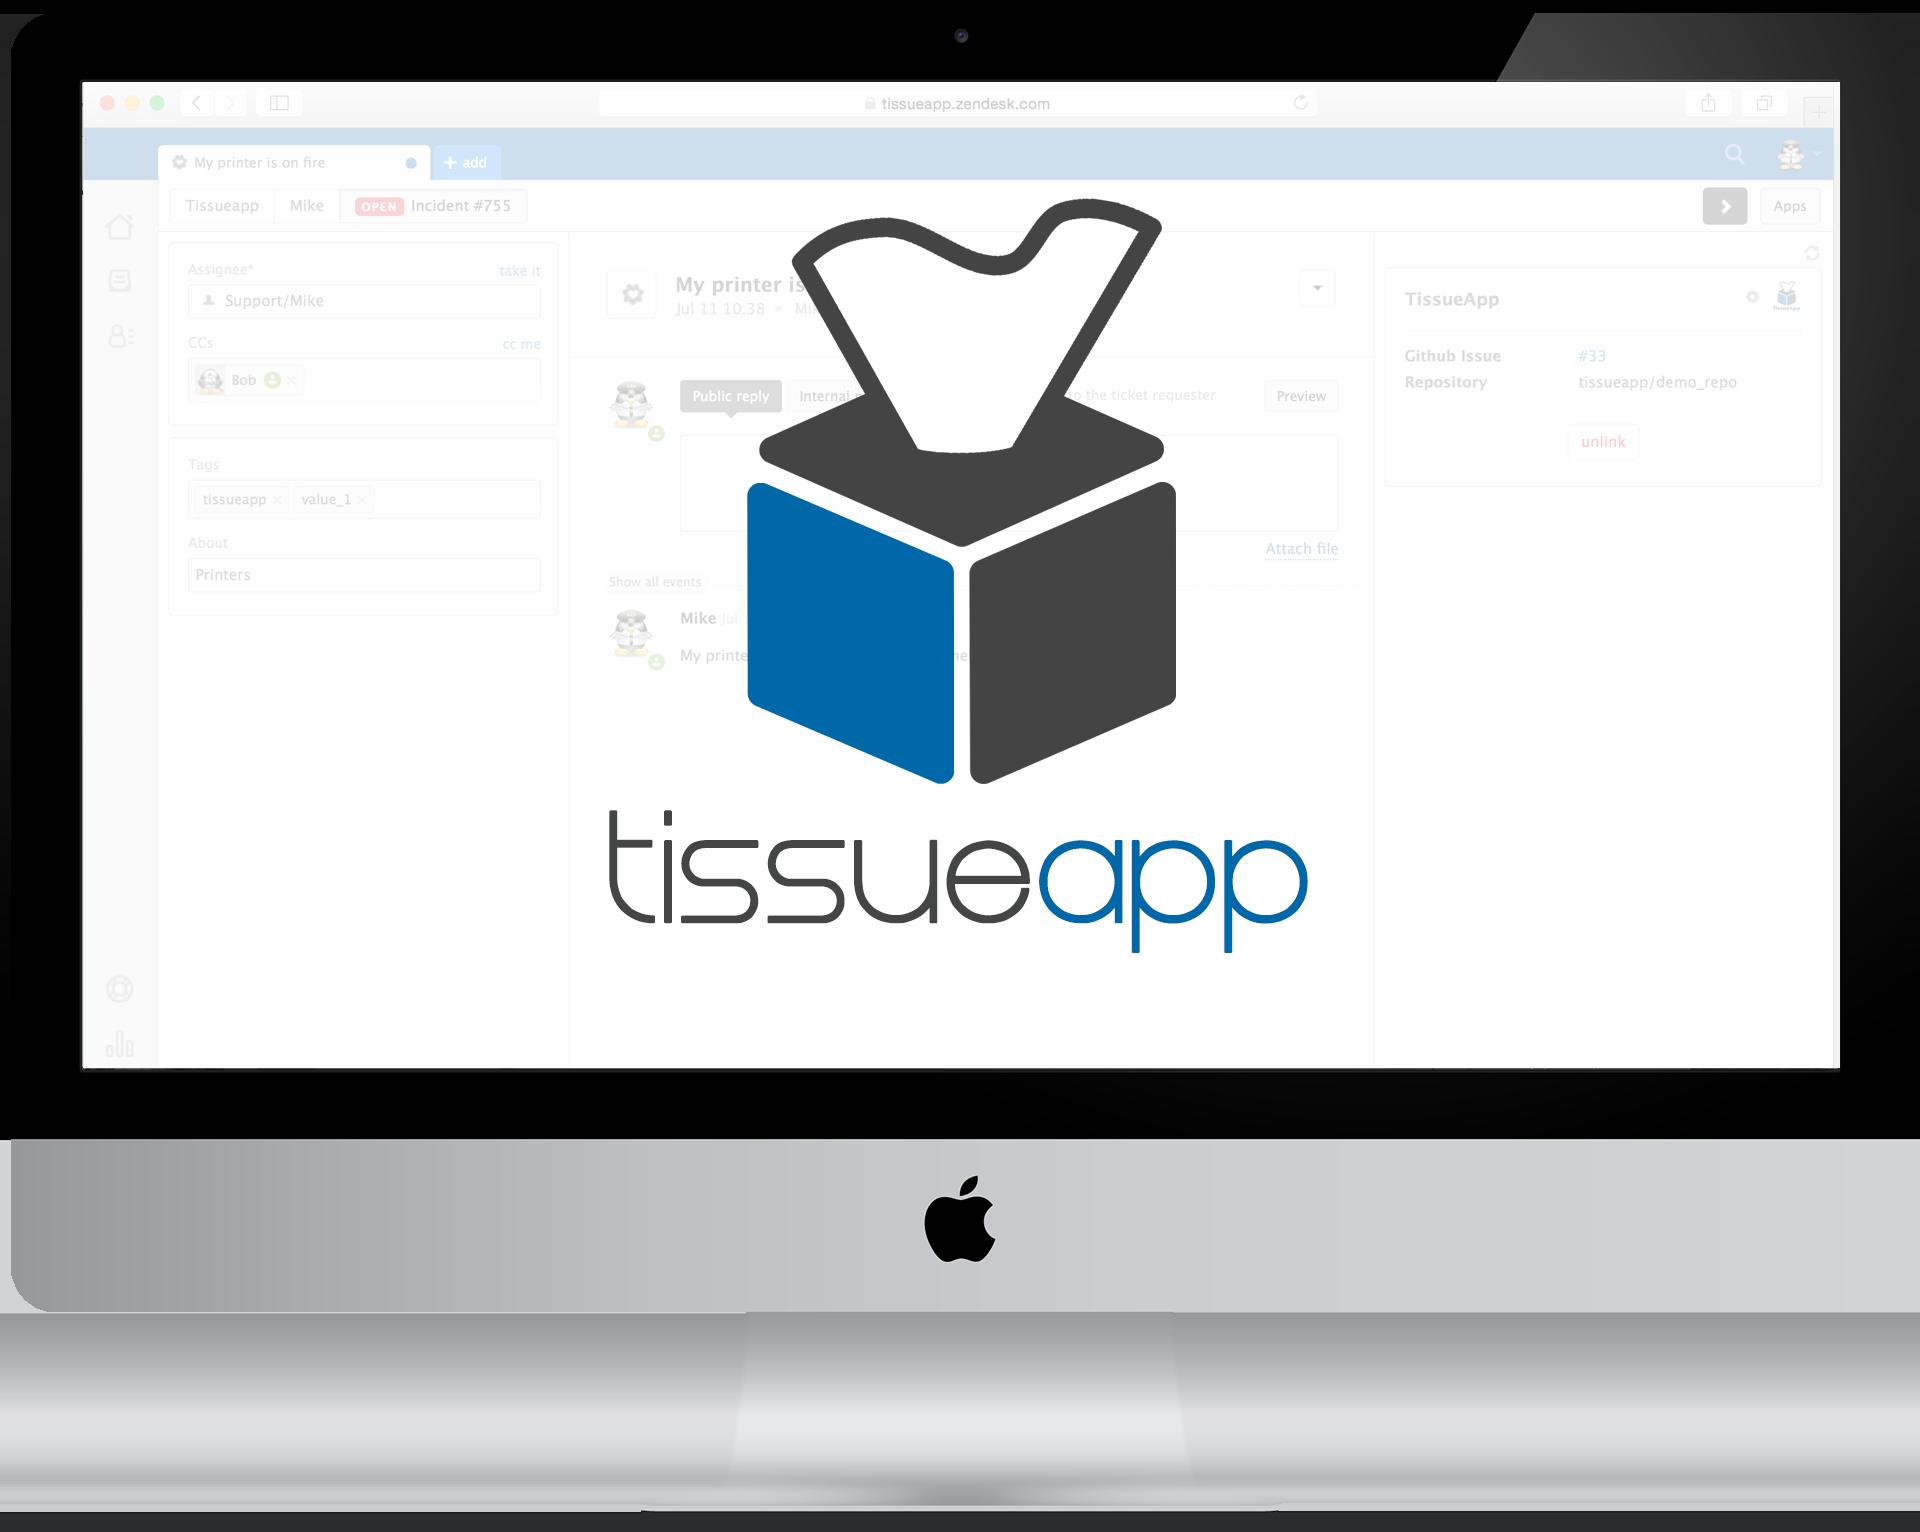 TissueApp